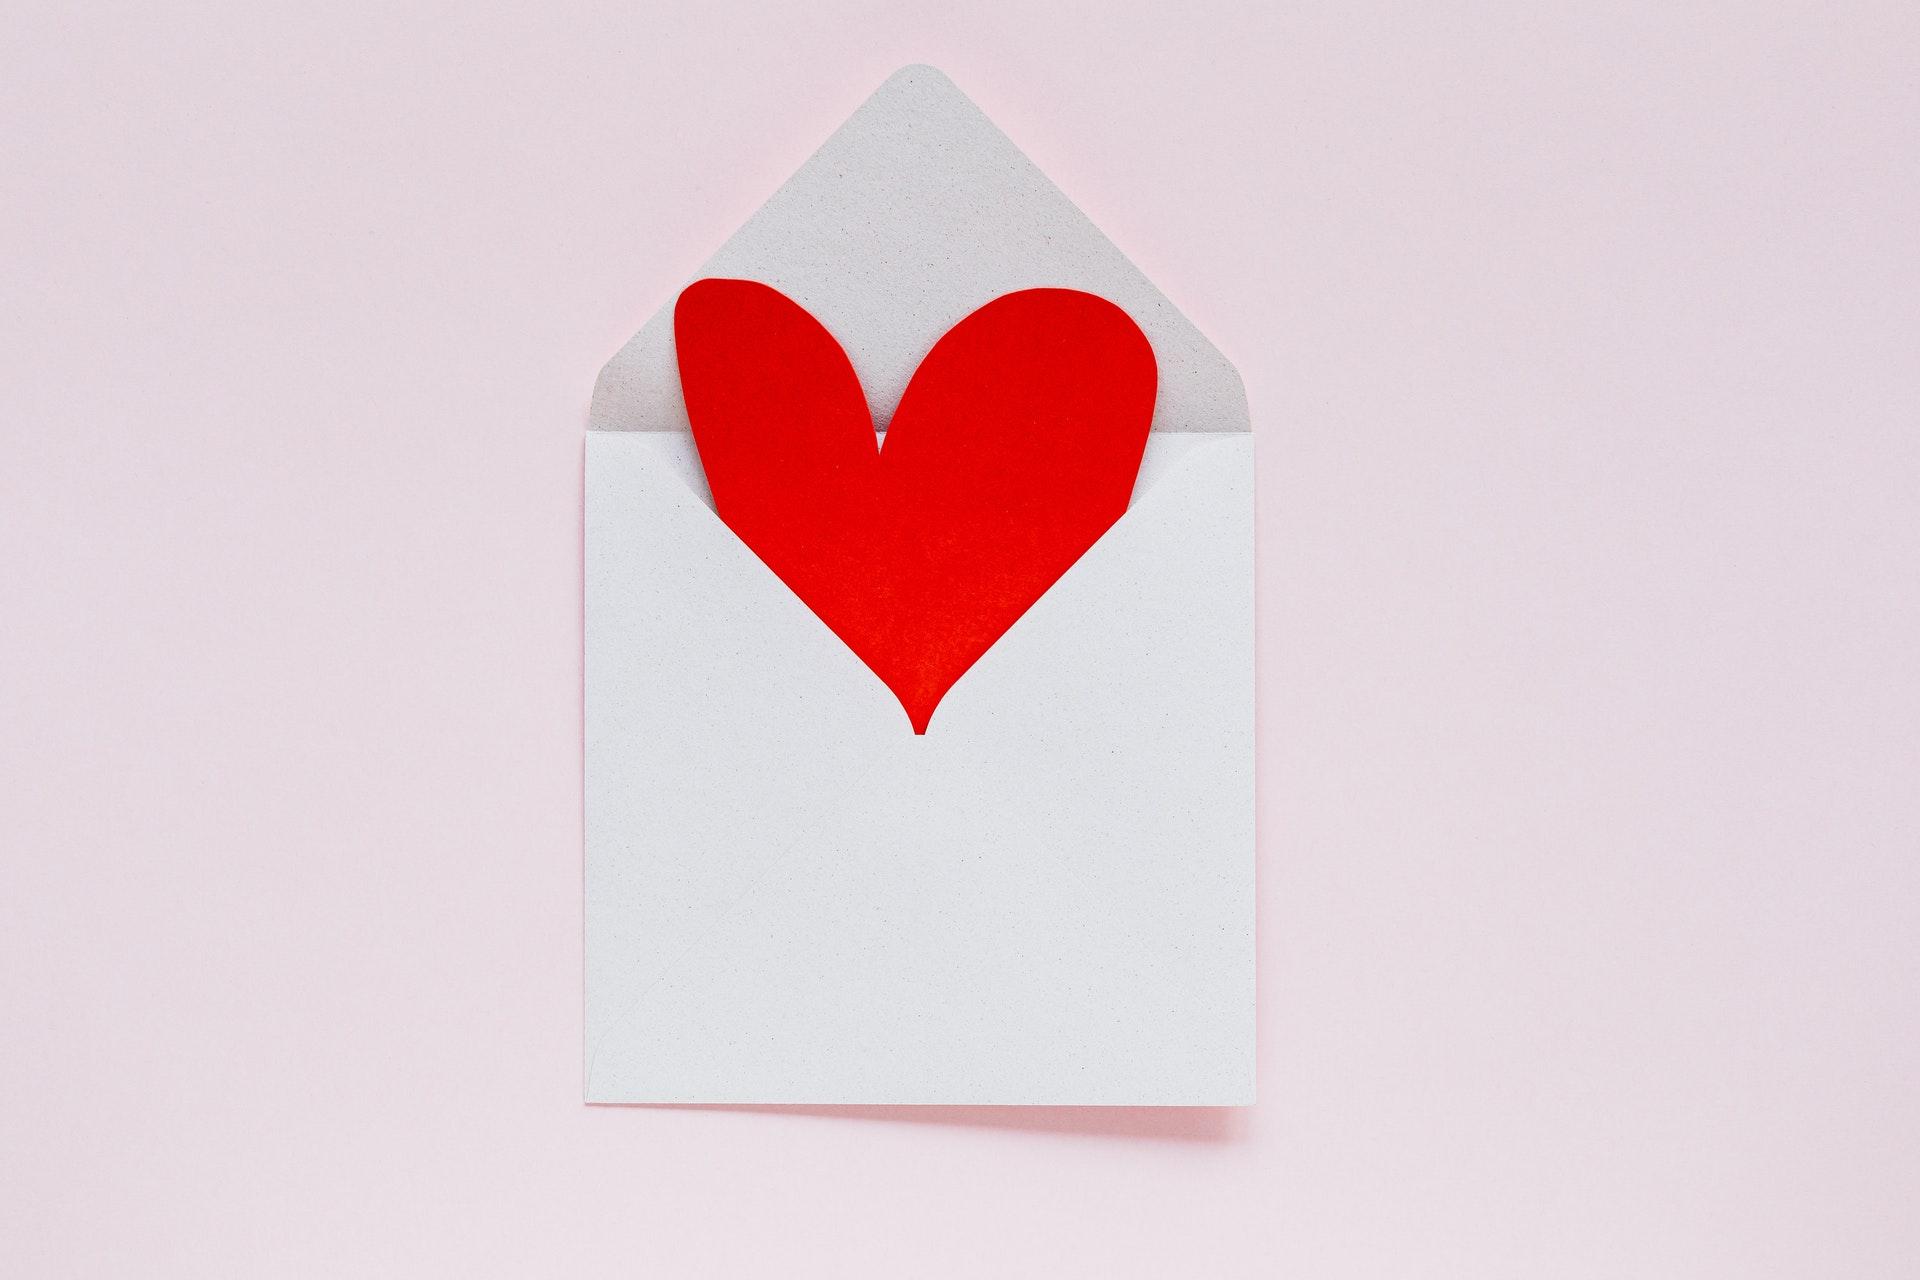 ハートの紙と封筒